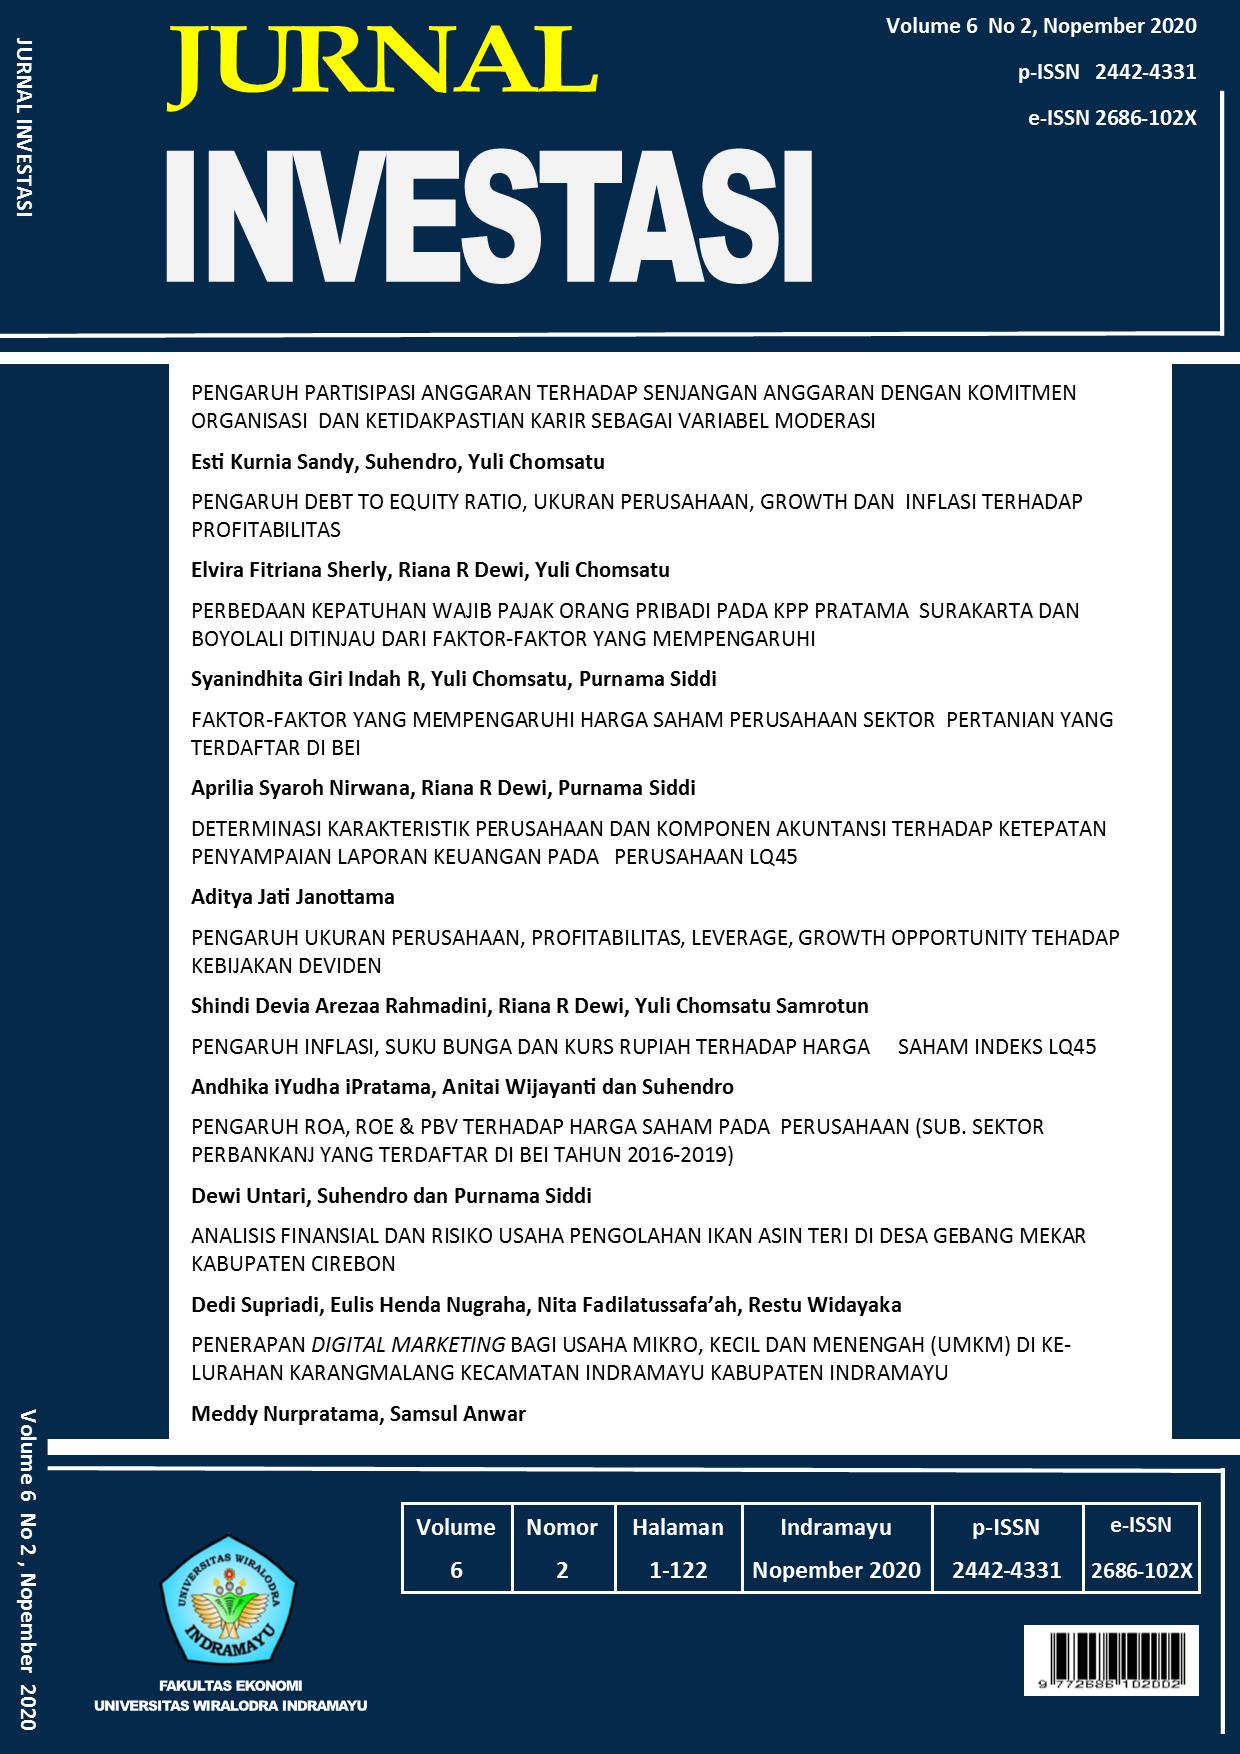 View Vol. 6 No. 2 (2020): Jurnal Investasi Nopember 2020